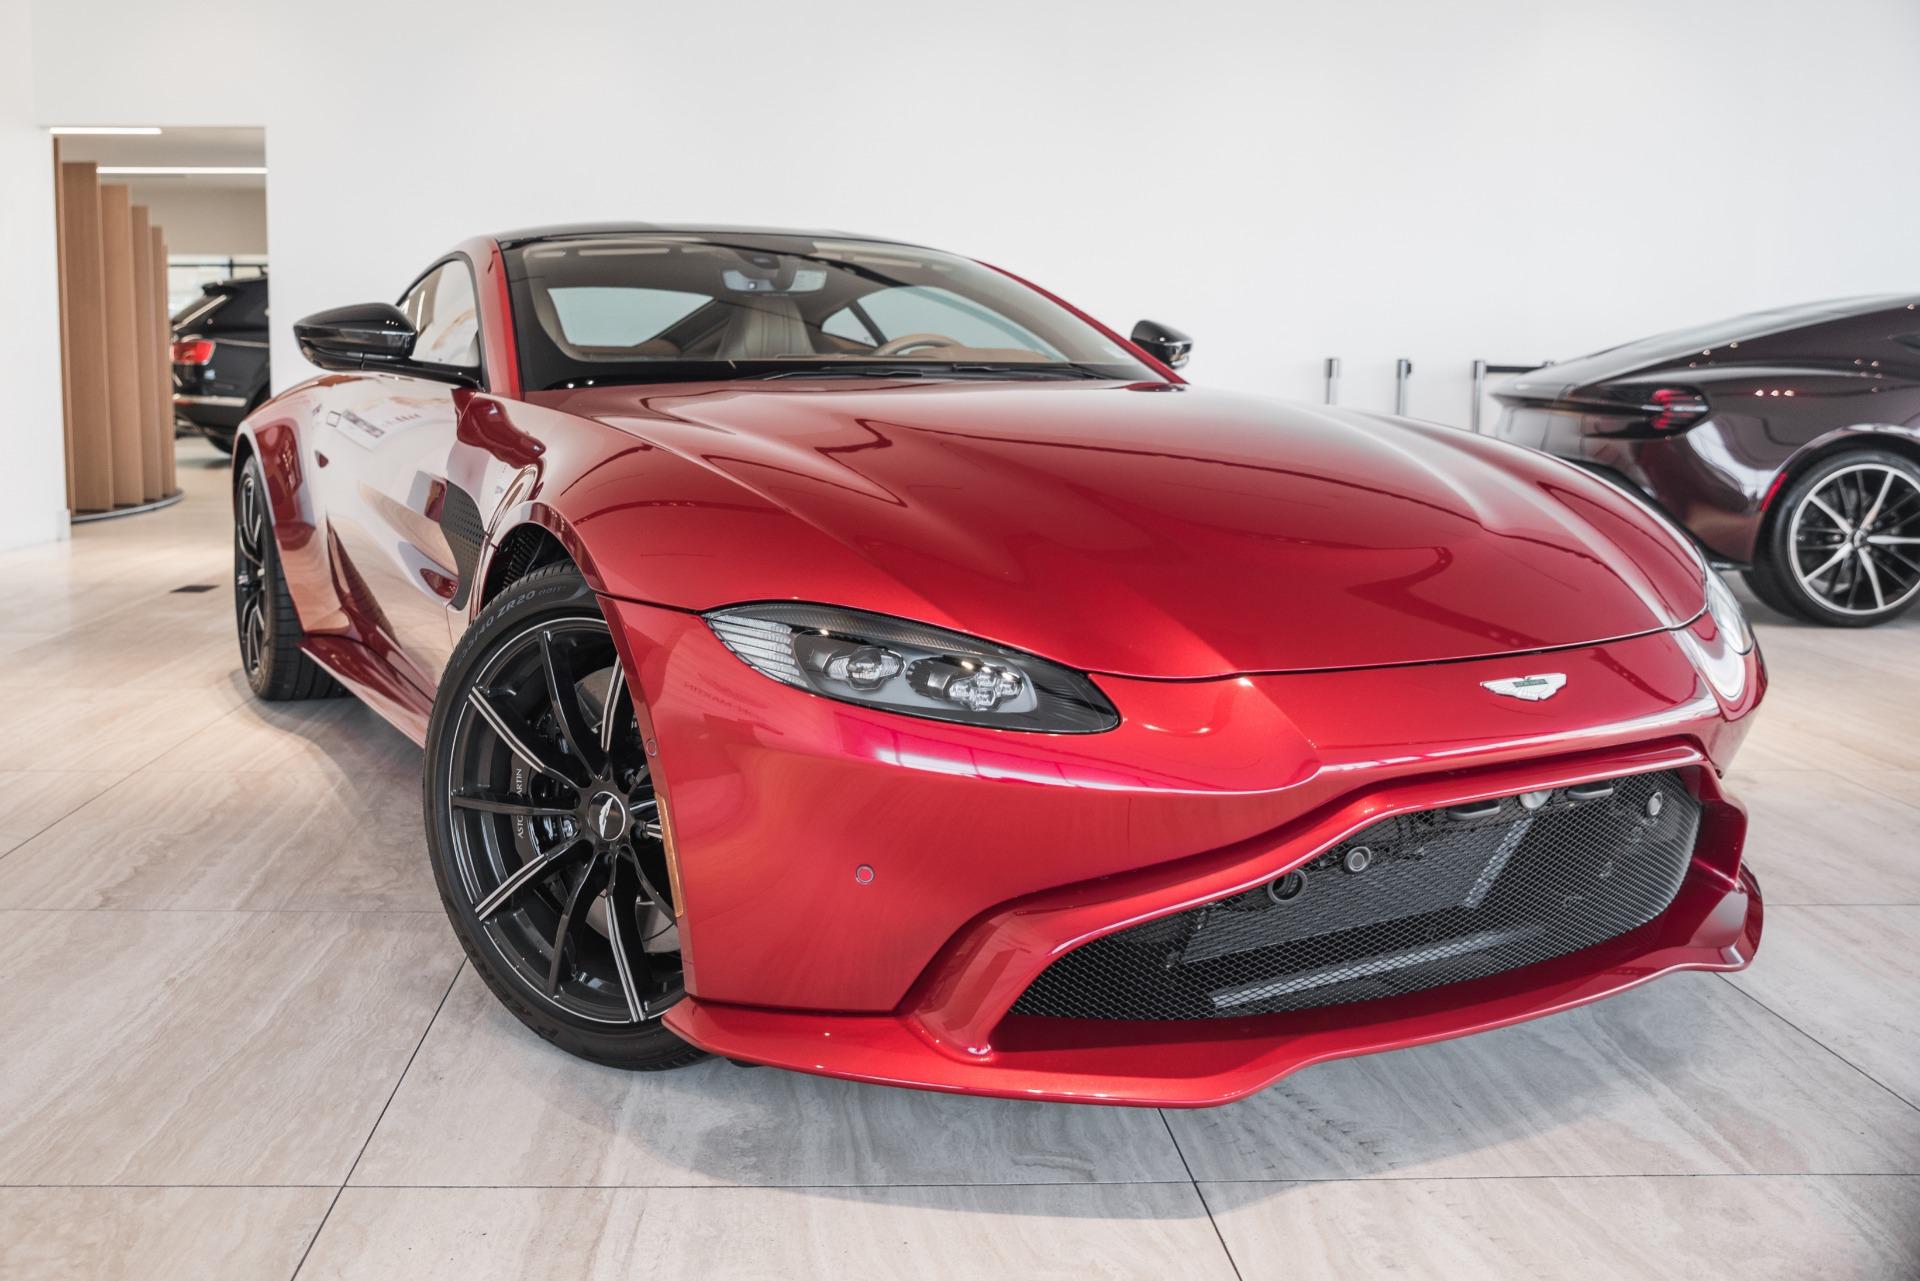 2020 Aston Martin Vantage Stock 2n03300 For Sale Near Vienna Va Va Aston Martin Dealer